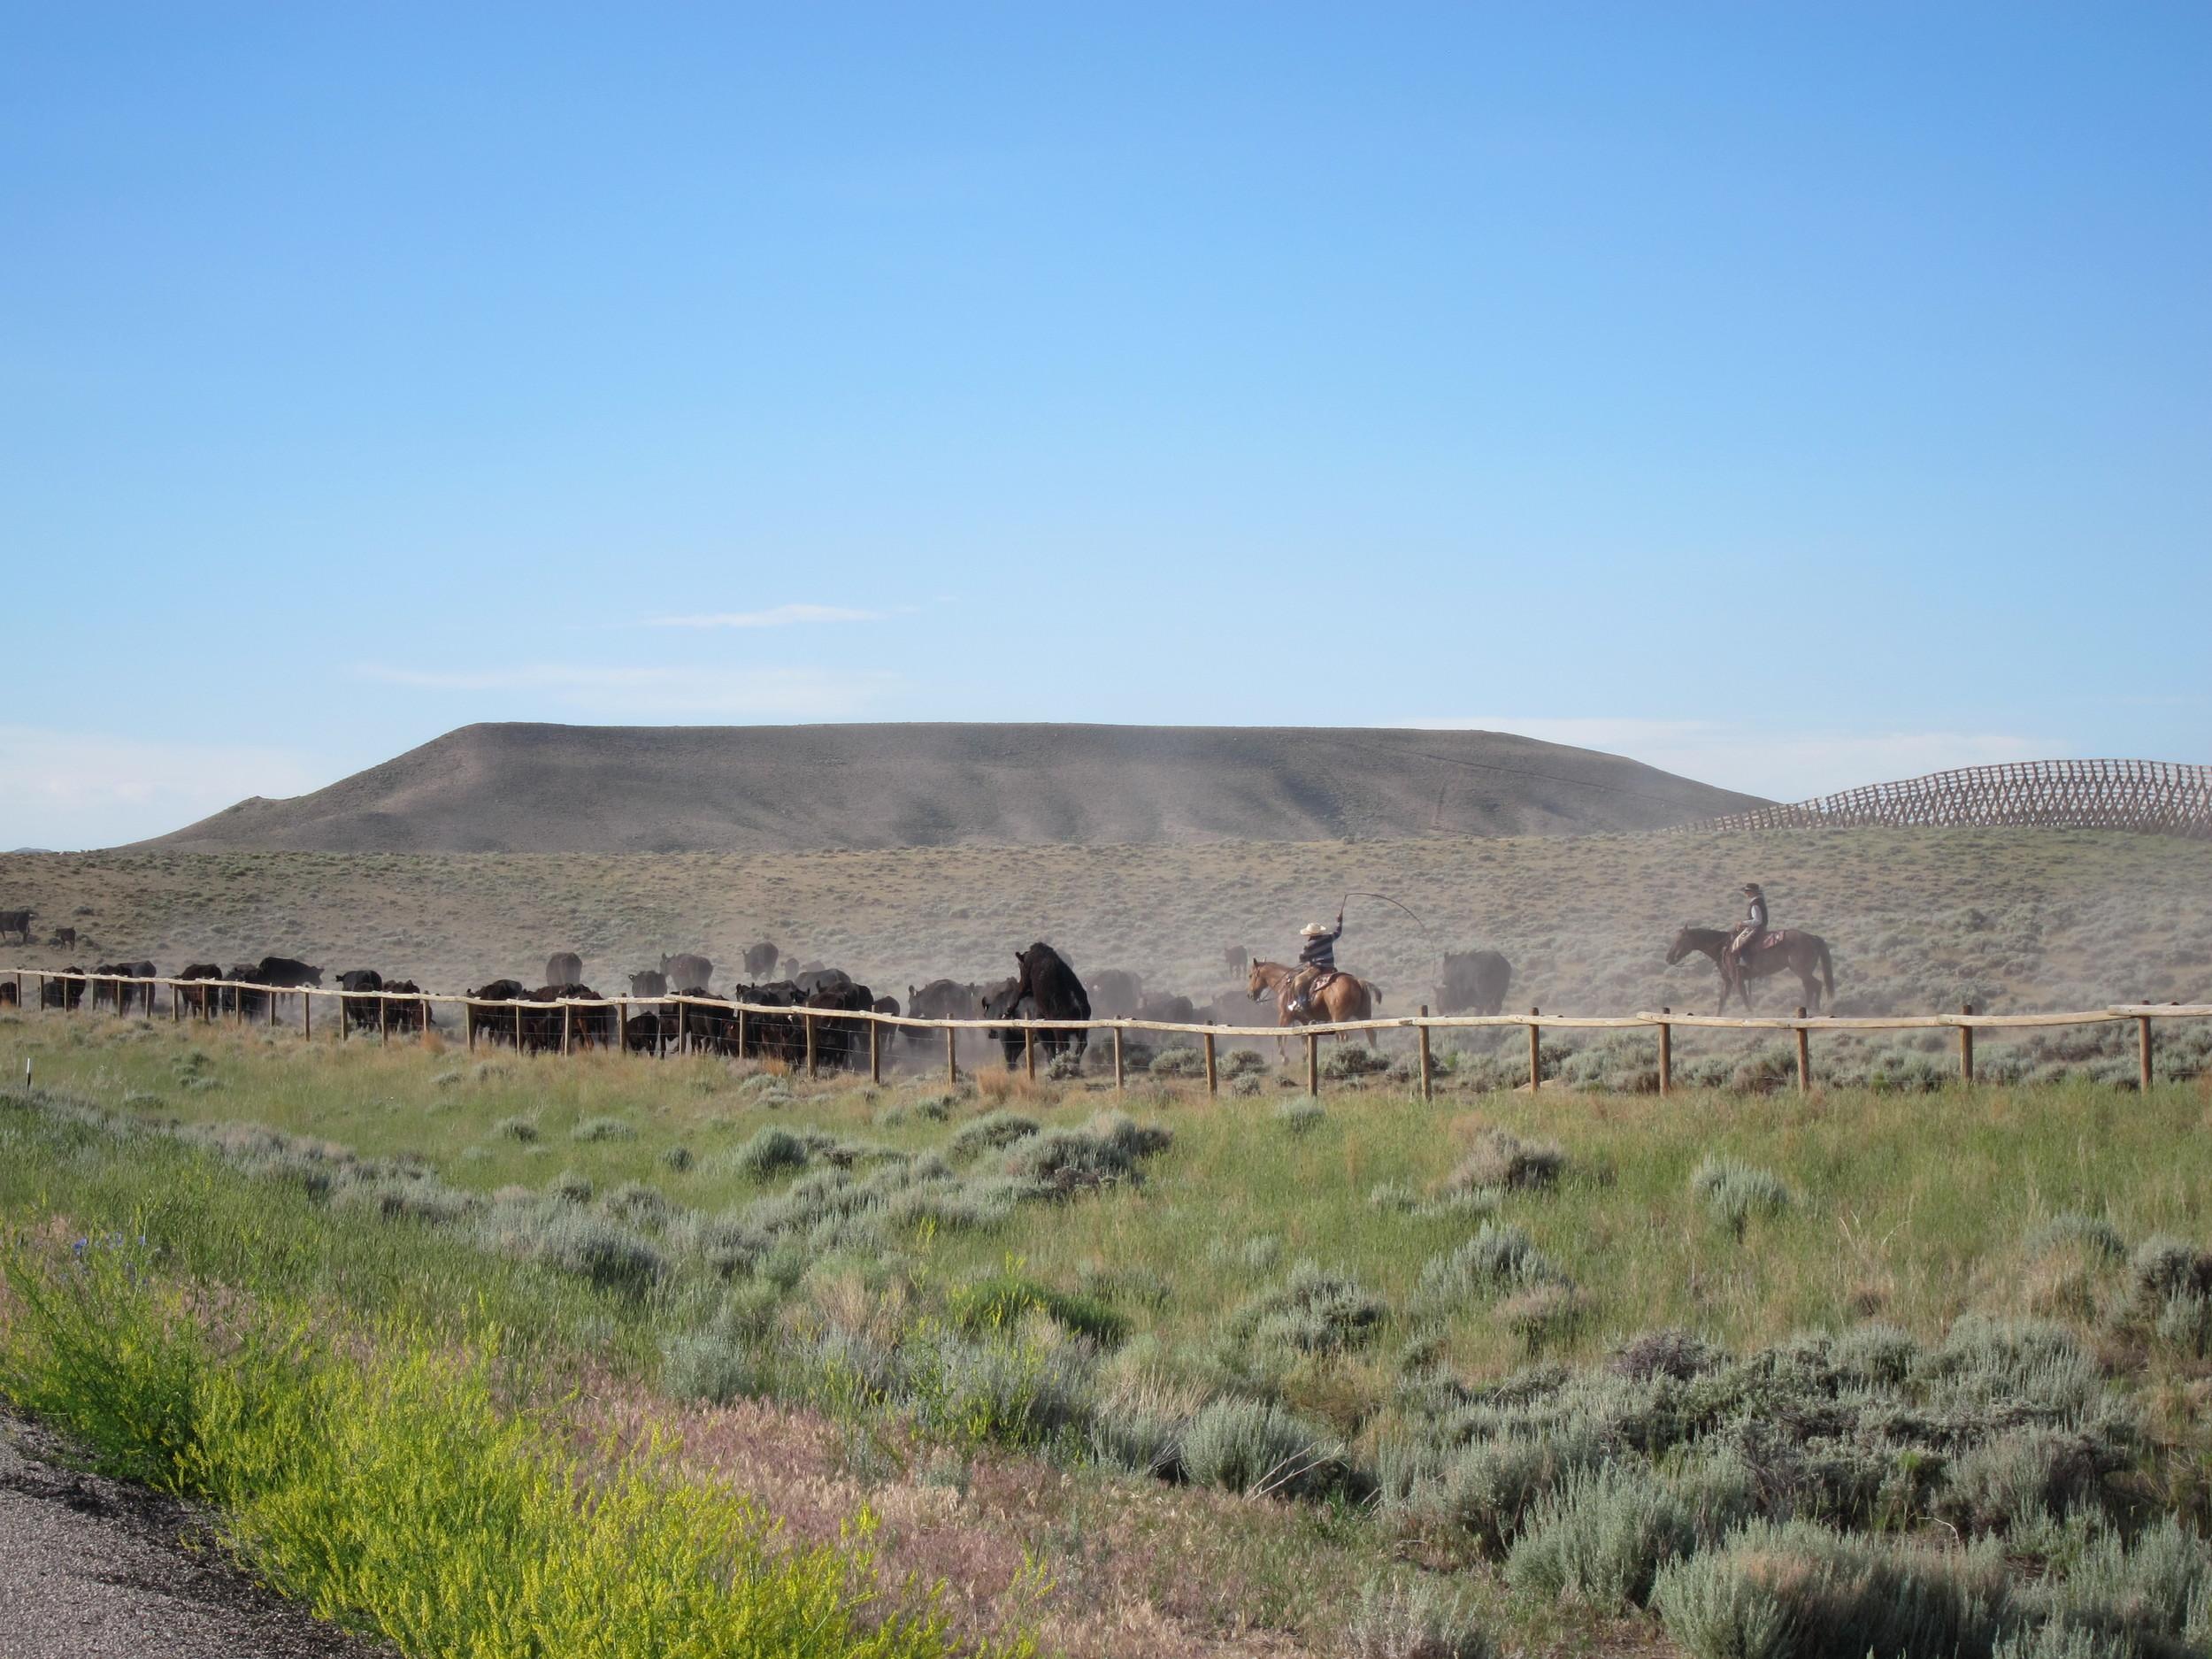 Herding cattle.